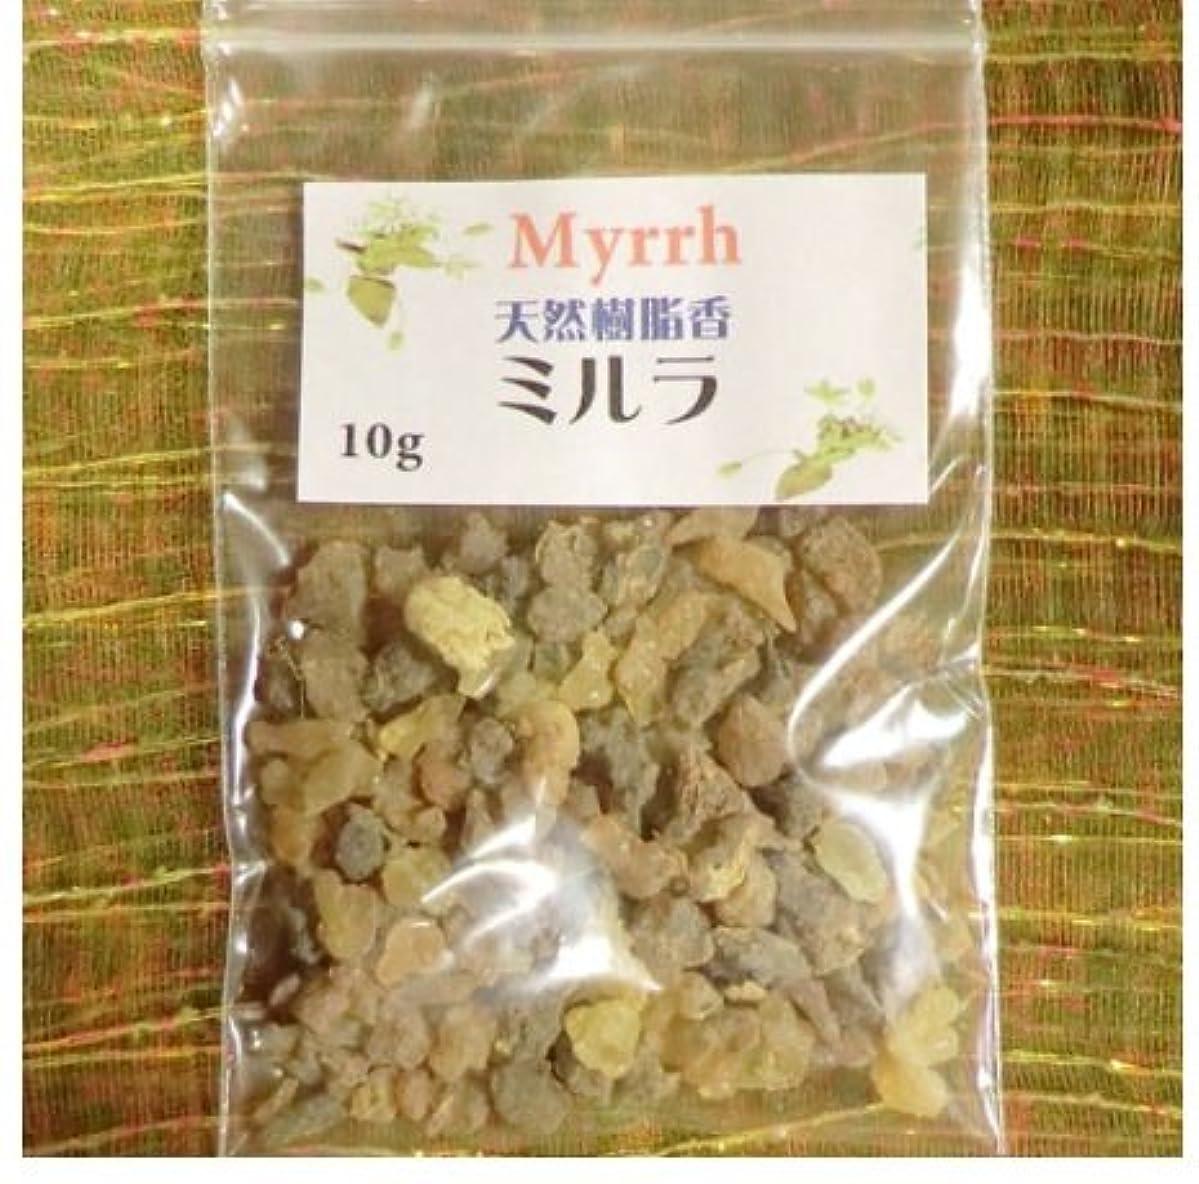 リーン新着乳白ミルラ Myrrh (没薬) 天然樹脂香 10g (ミルラ)